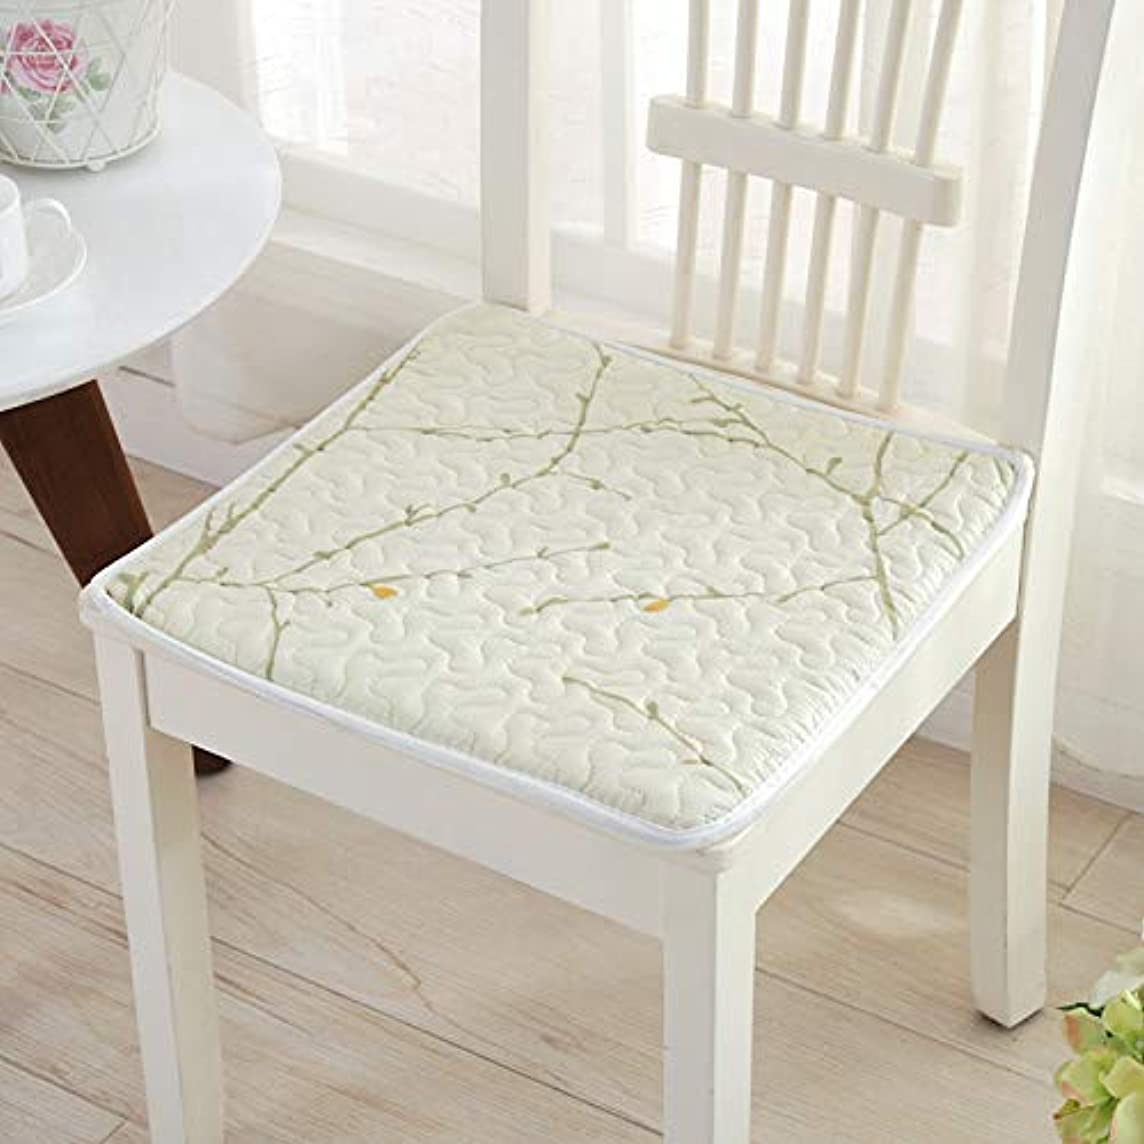 淡いコック化石LIFE 現代スーパーソフト椅子クッション非スリップシートクッションマットソファホームデコレーションバッククッションチェアパッド 40*40/45*45/50*50 センチメートル クッション 椅子